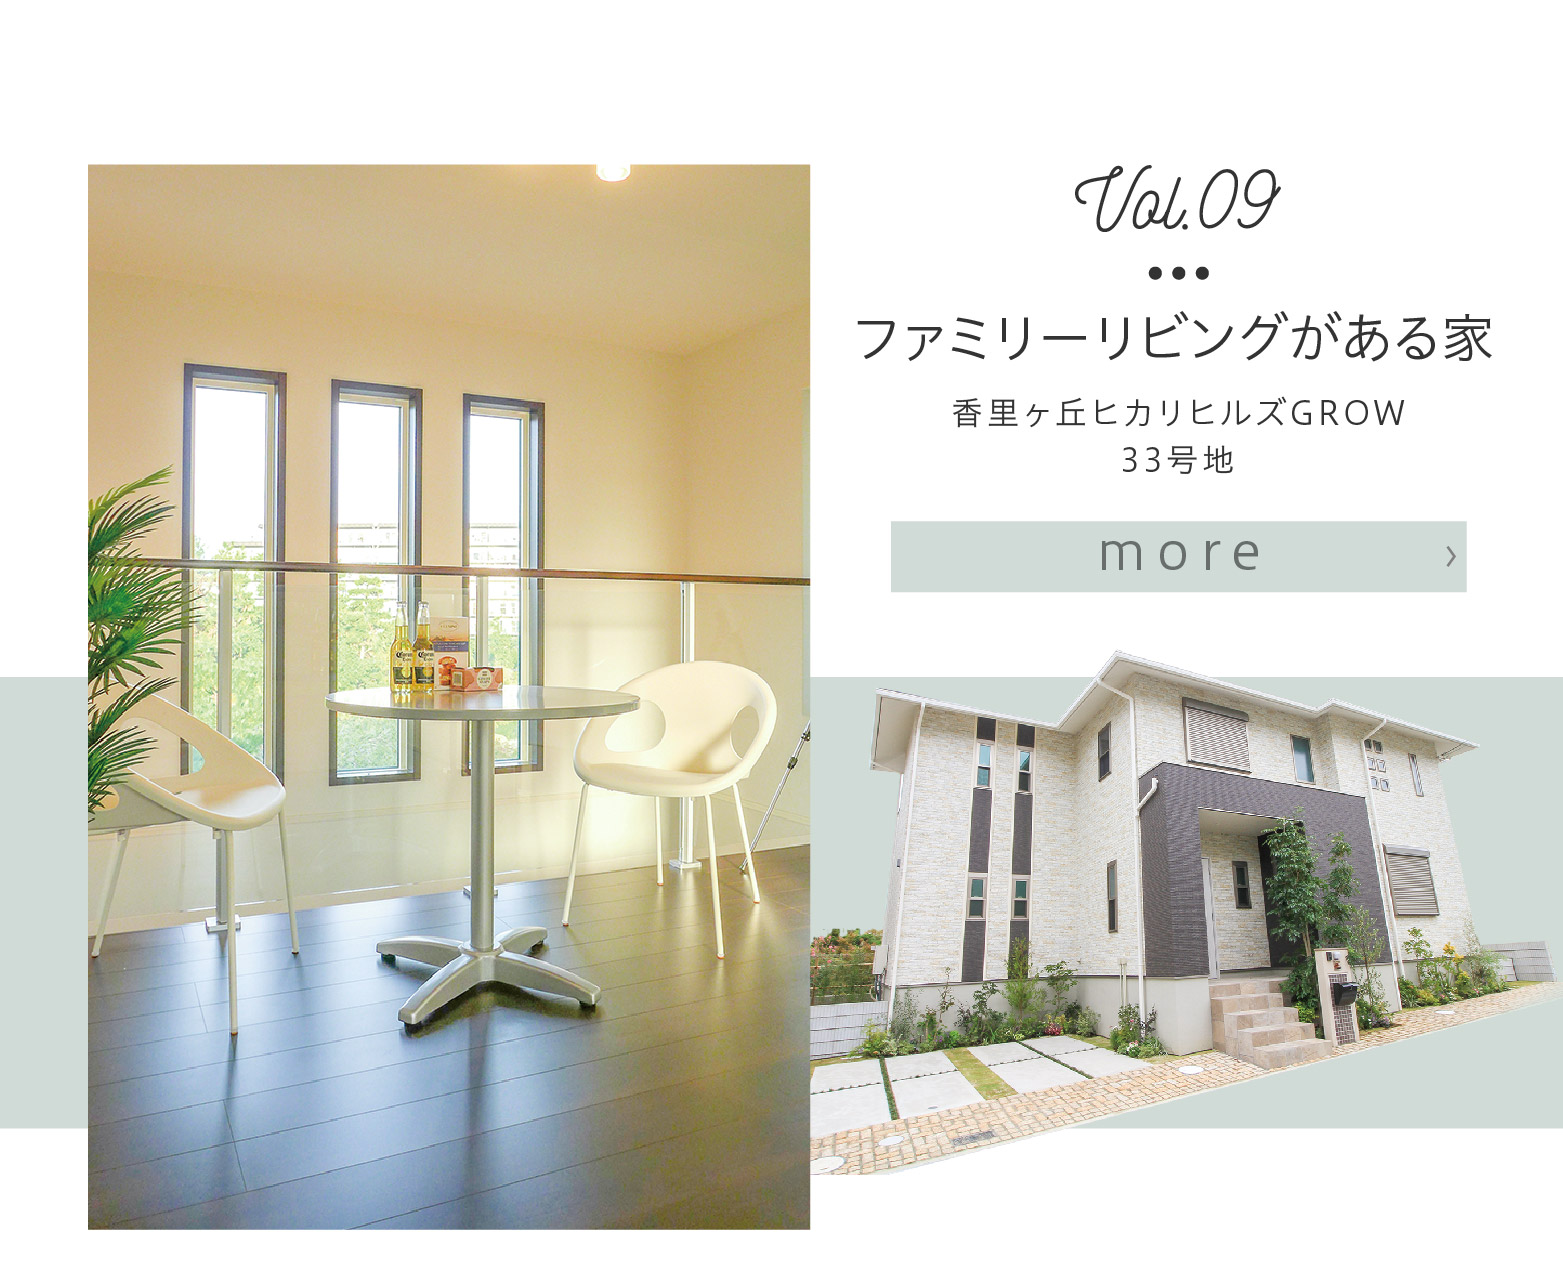 【香里ヶ丘ヒカリヒルズGROW 33号地】モデルハウスを見る